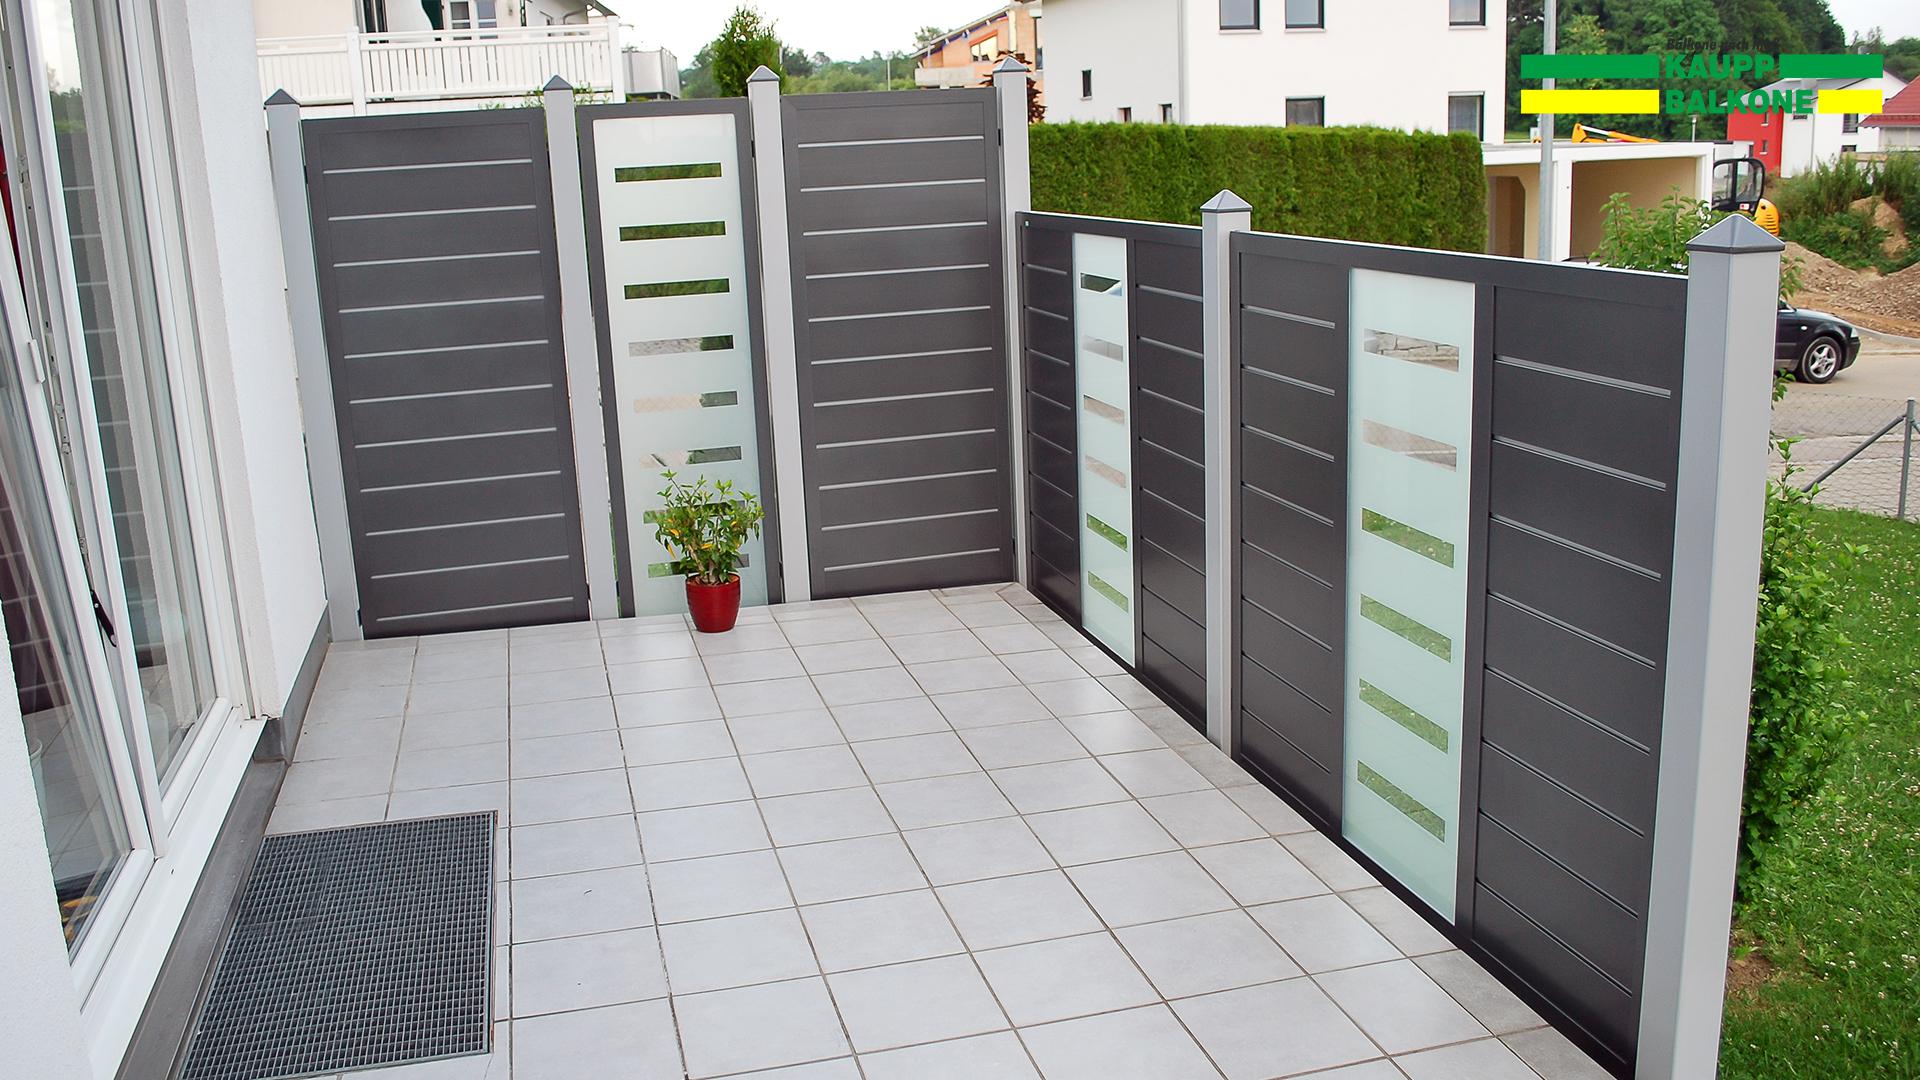 Full Size of Trennwand Garten Selber Bauen Sichtschutz Metall Rost Hornbach Kunststoff Obi Schweiz Bauhaus Holz Kaufen Glas Ikea Wpc Anthrazit Alu Pulverbeschichtet Garten Trennwand Garten